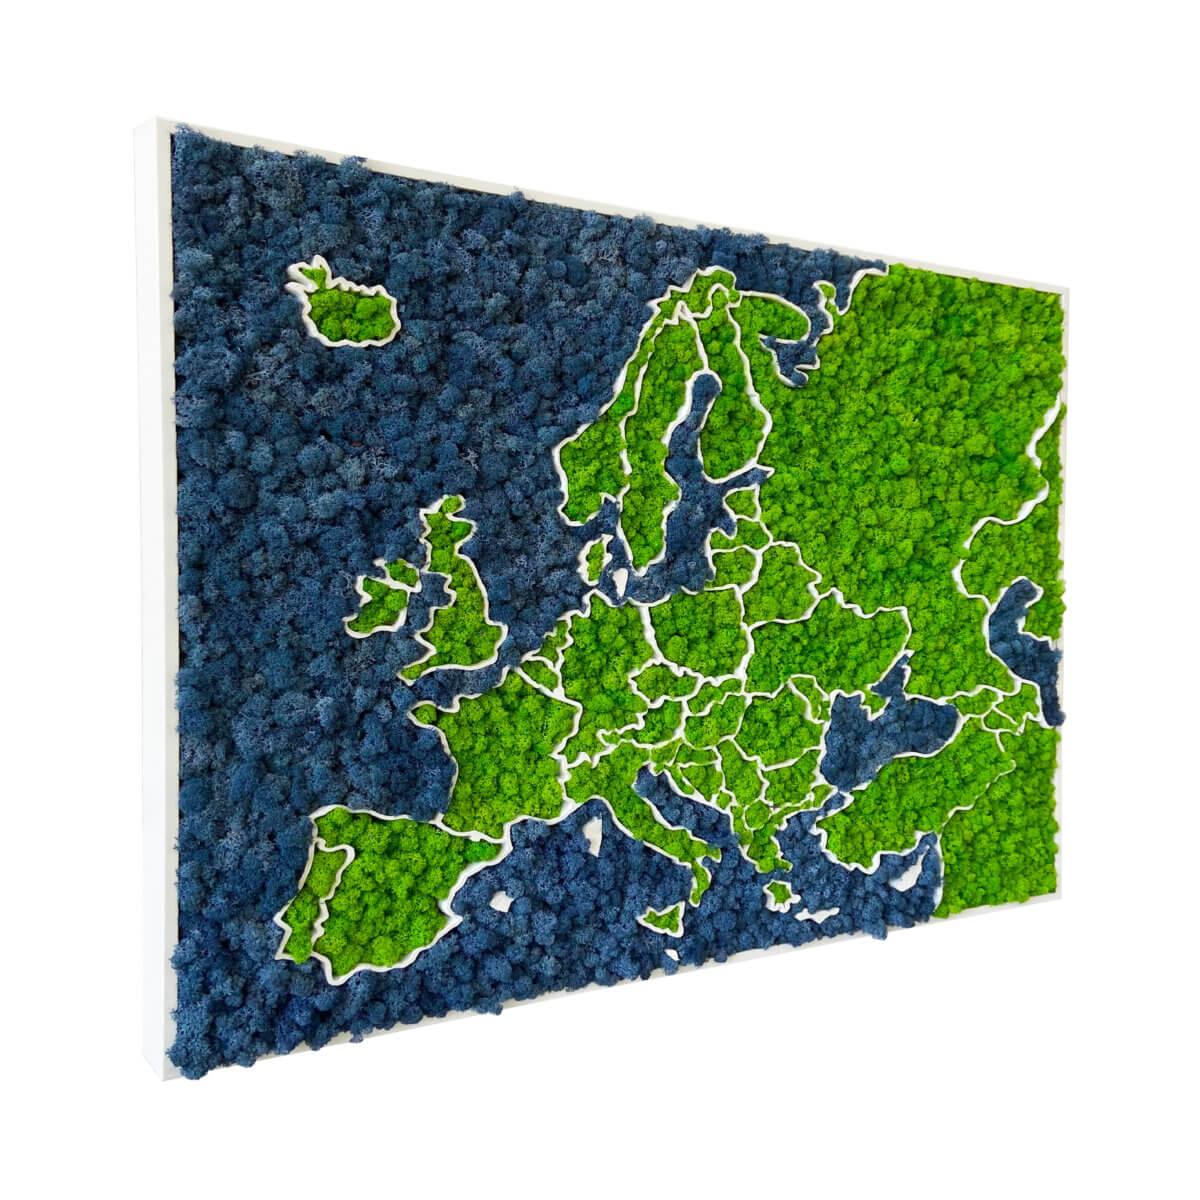 3D machová mapa Európy - organický lišajník